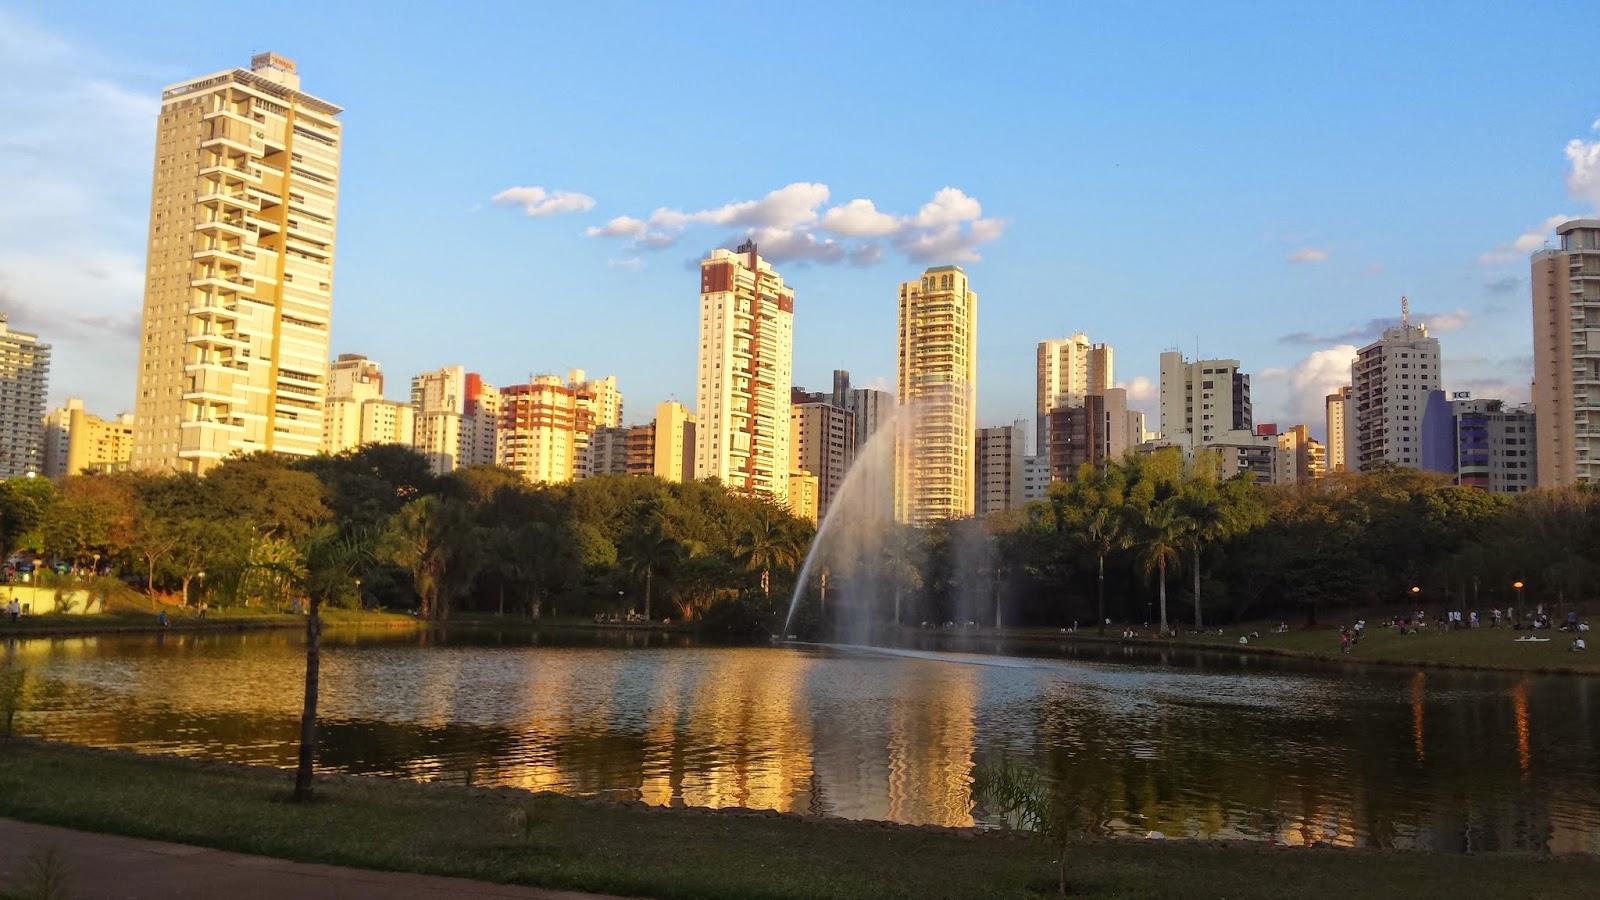 Parques, cidade verde, natureza, caminhadas, Goiânia